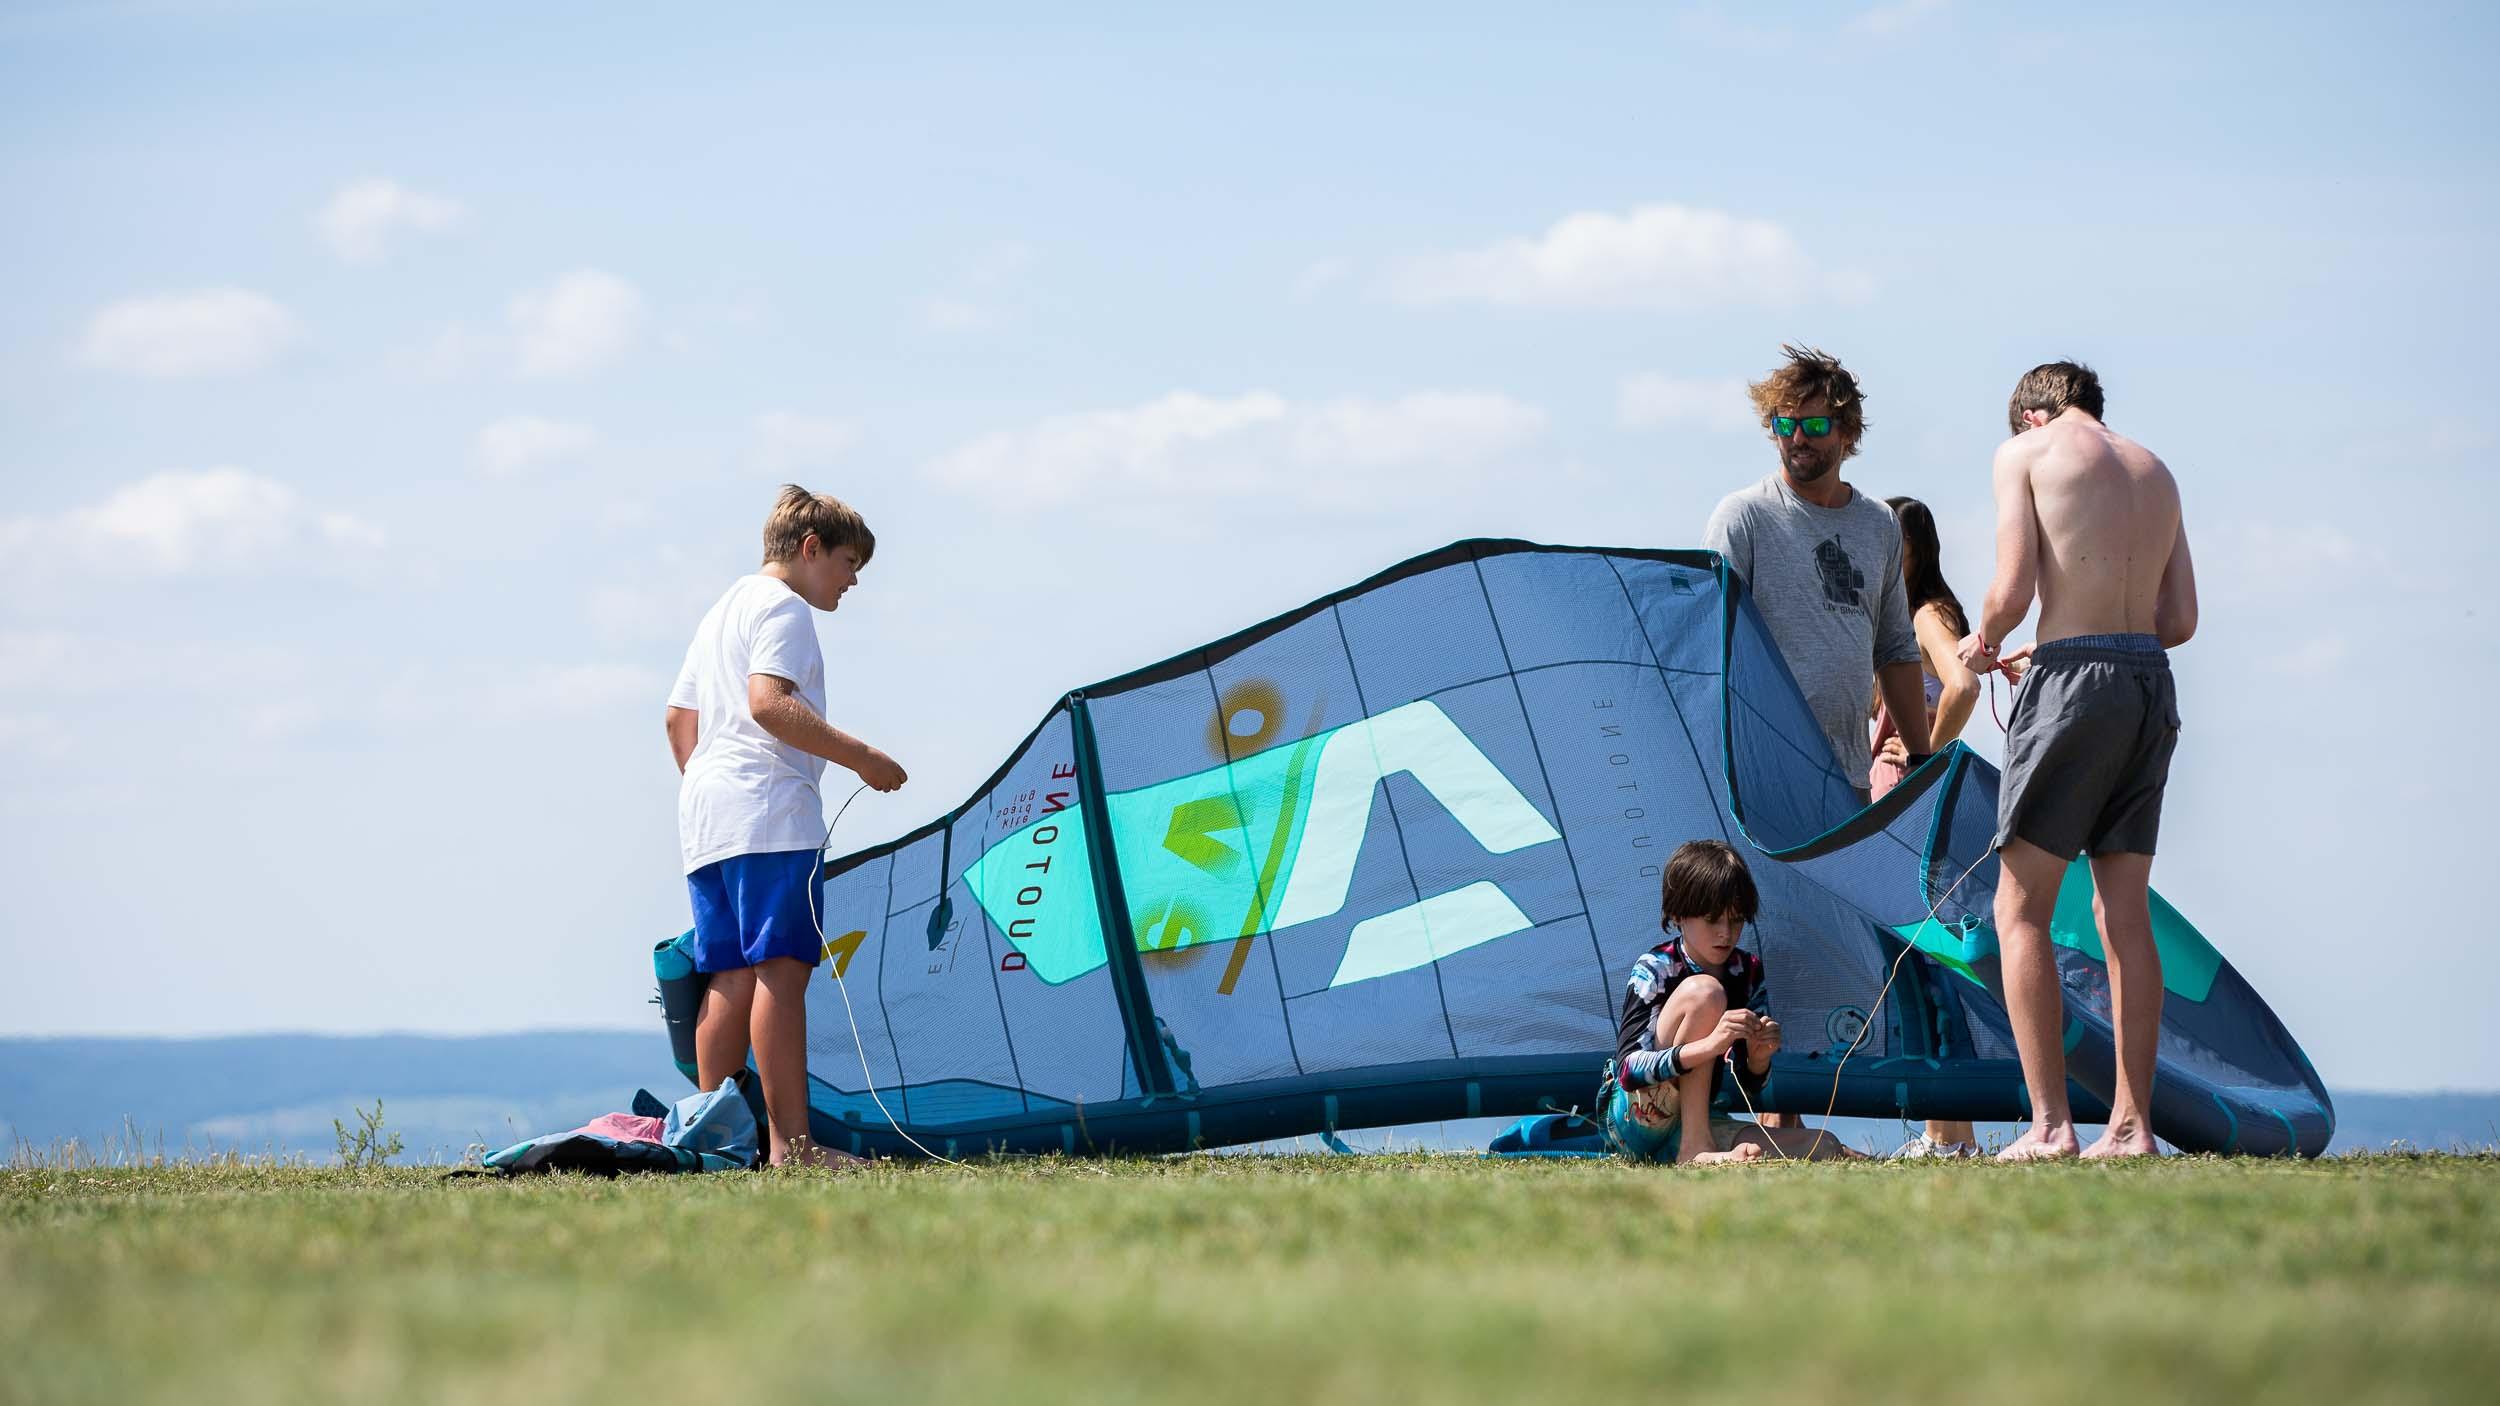 Kinder bauen den Kite auf